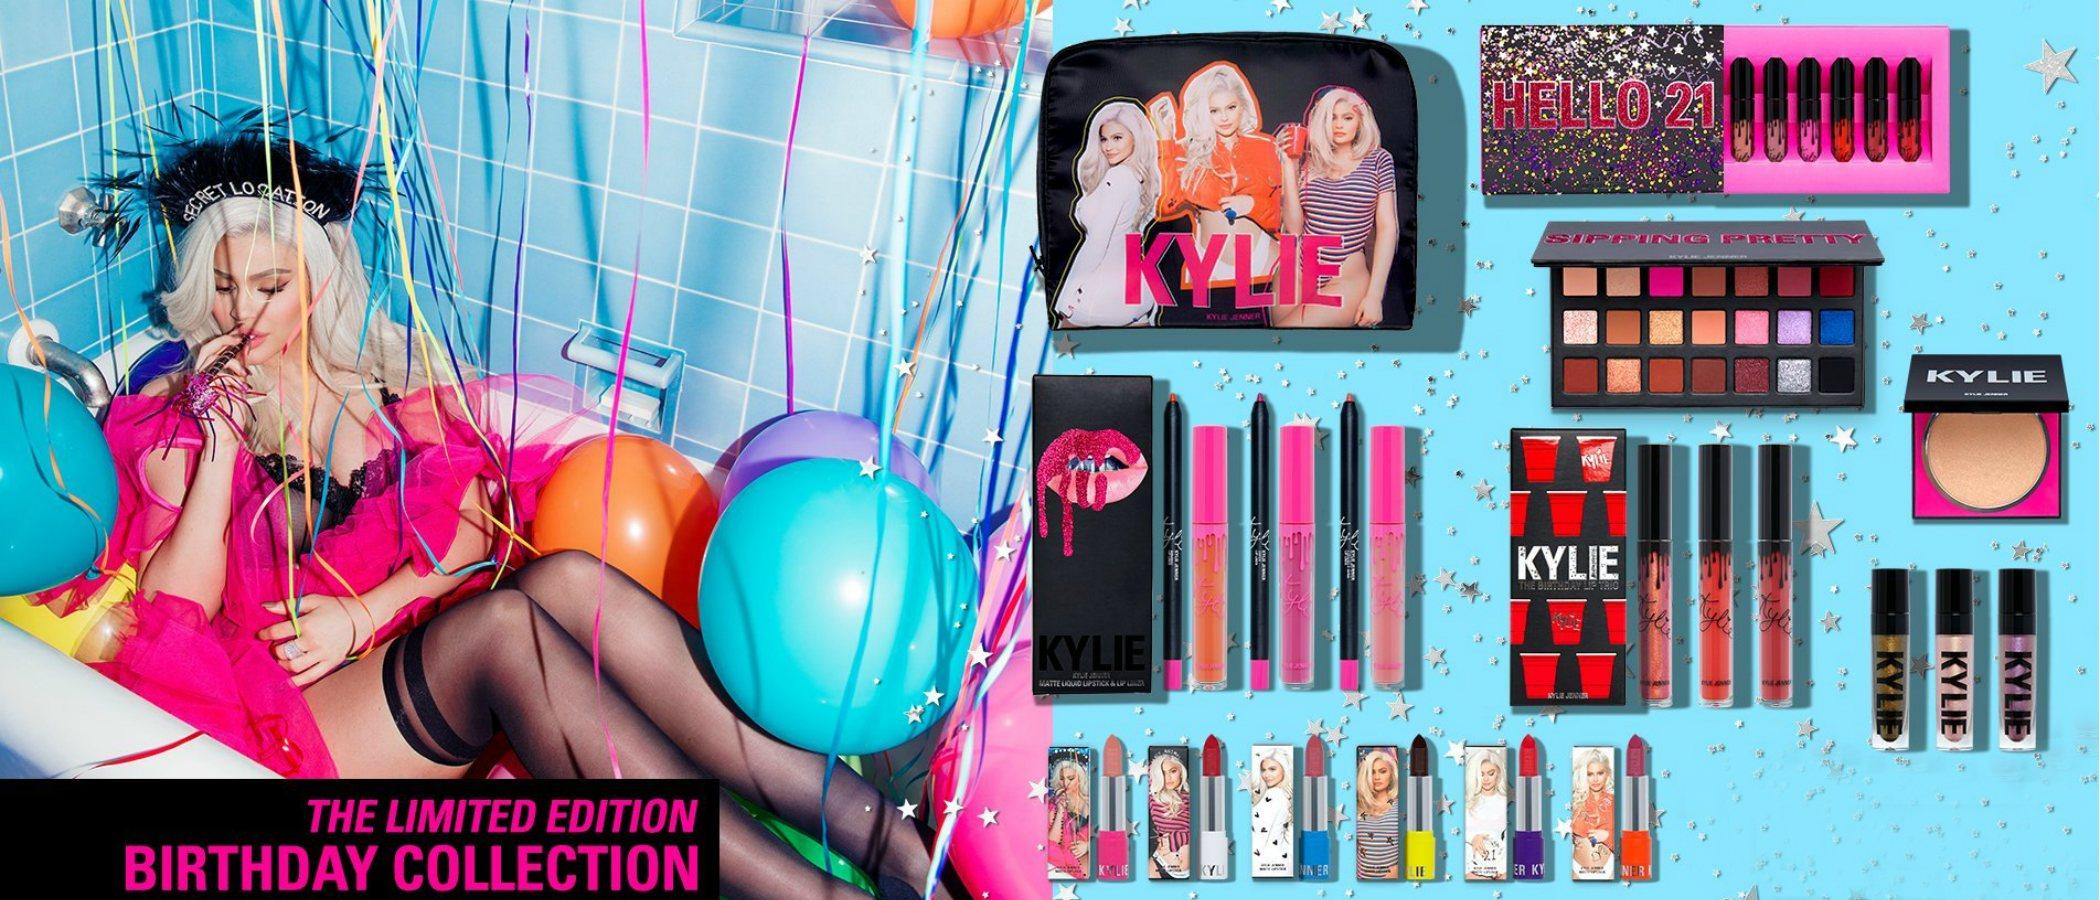 Kylie Jenner presenta su nueva colección de maquillaje y